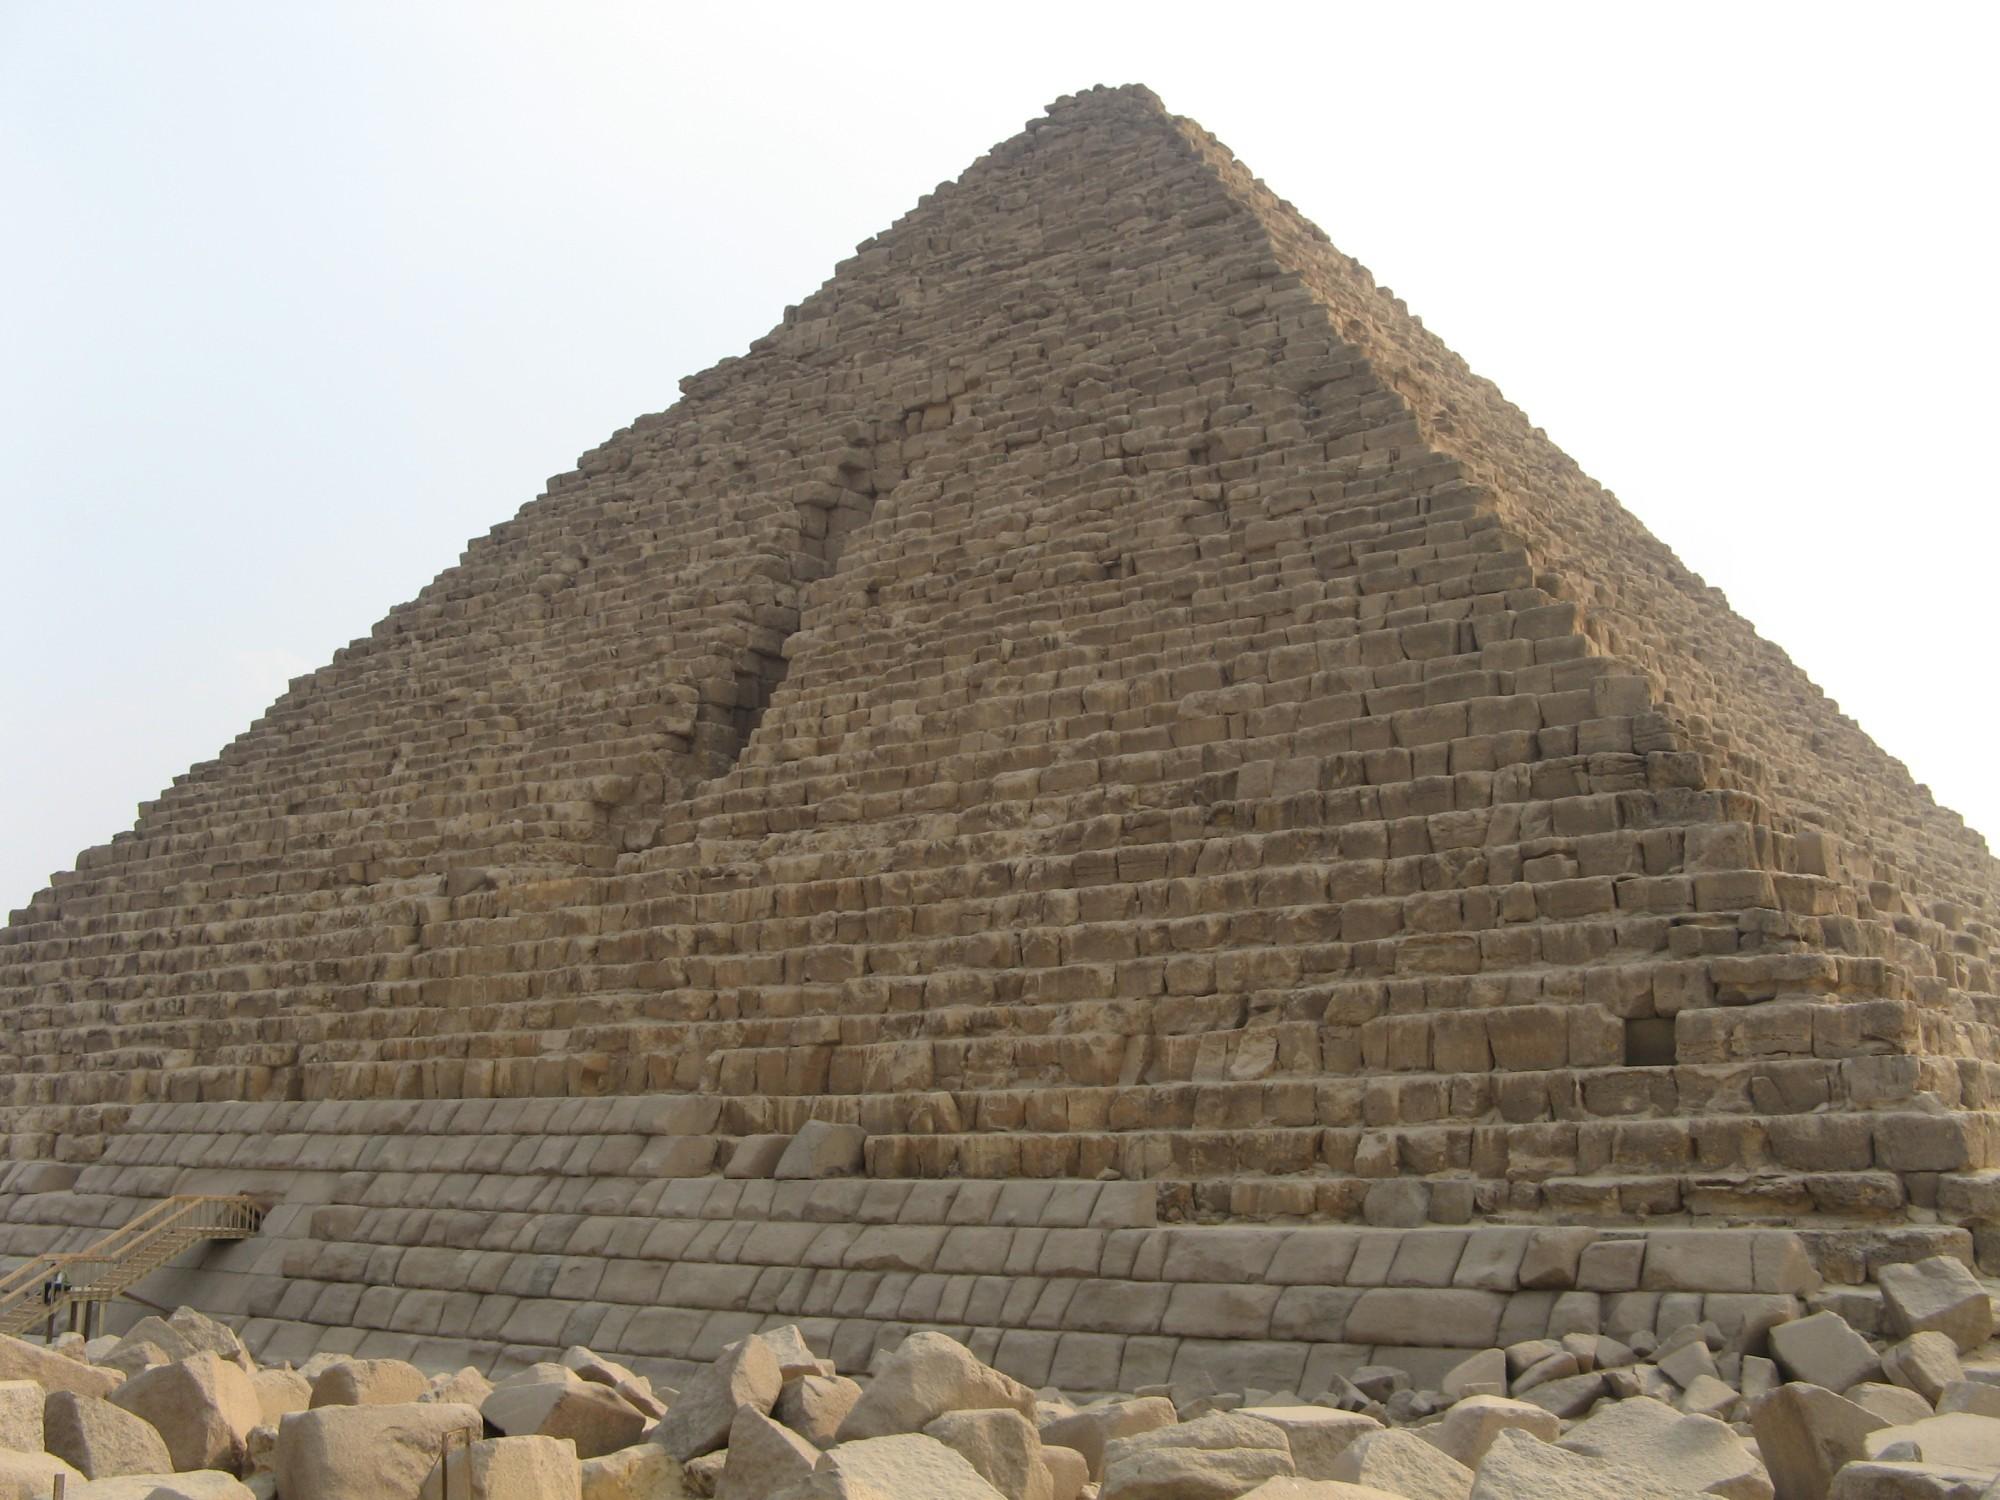 El timo de la pirámide